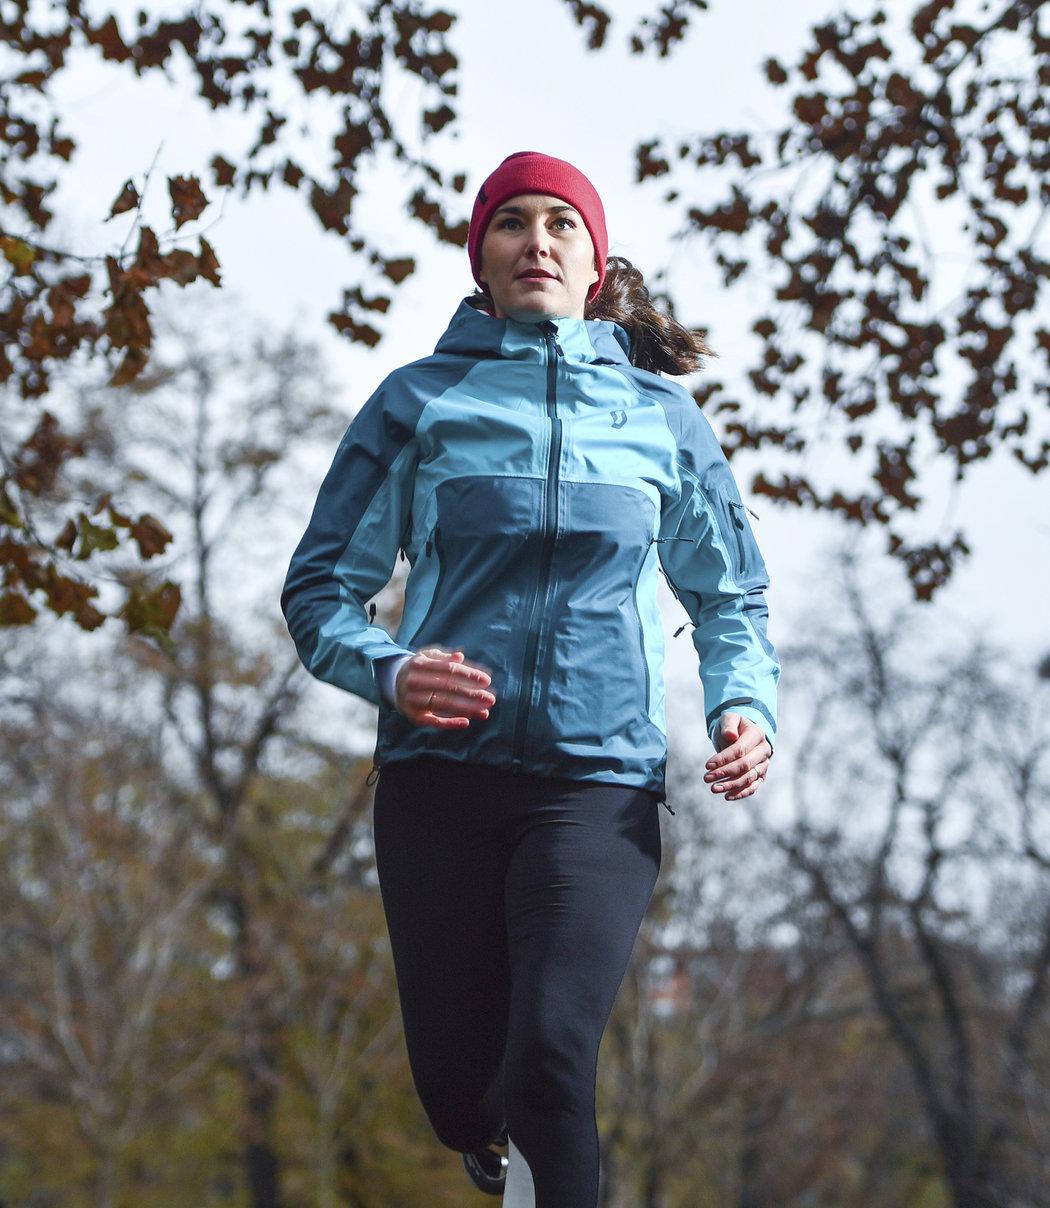 Pravidelný pohyb a pobyt na vzduchu má příznivý vliv nejen na naši tělesnou hmotnost nebo kardiovaskulární systém, ale i na psychickou pohodu